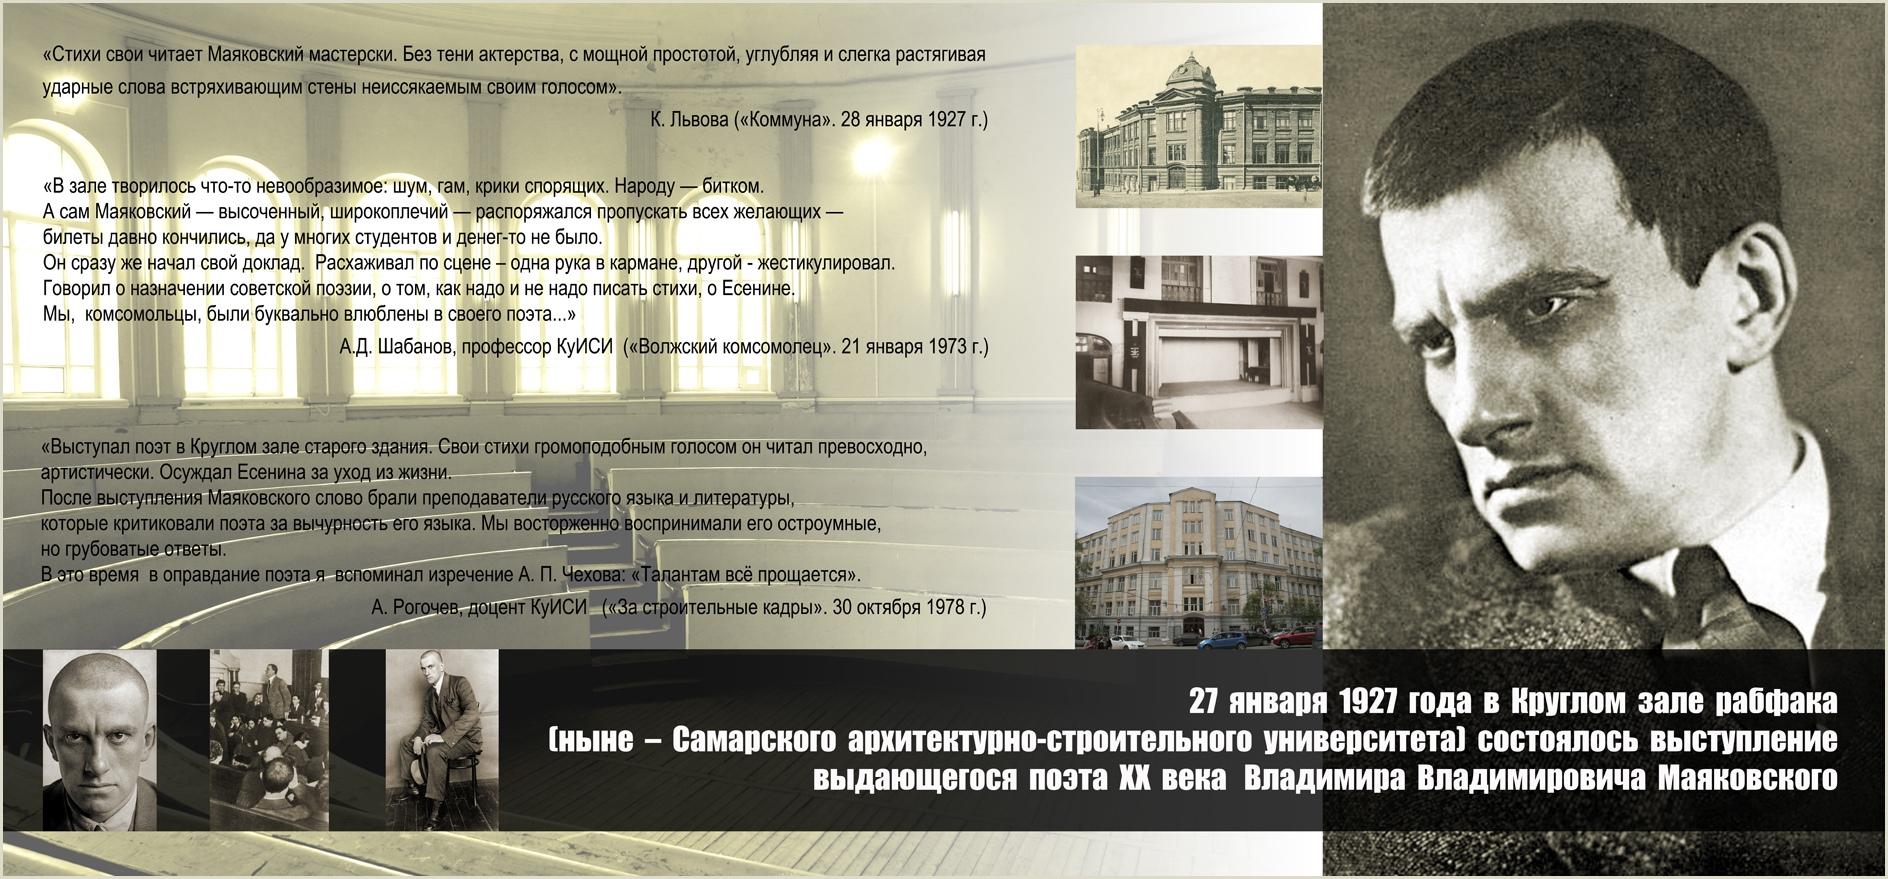 Выступление Владимира Маяковского в Строяке